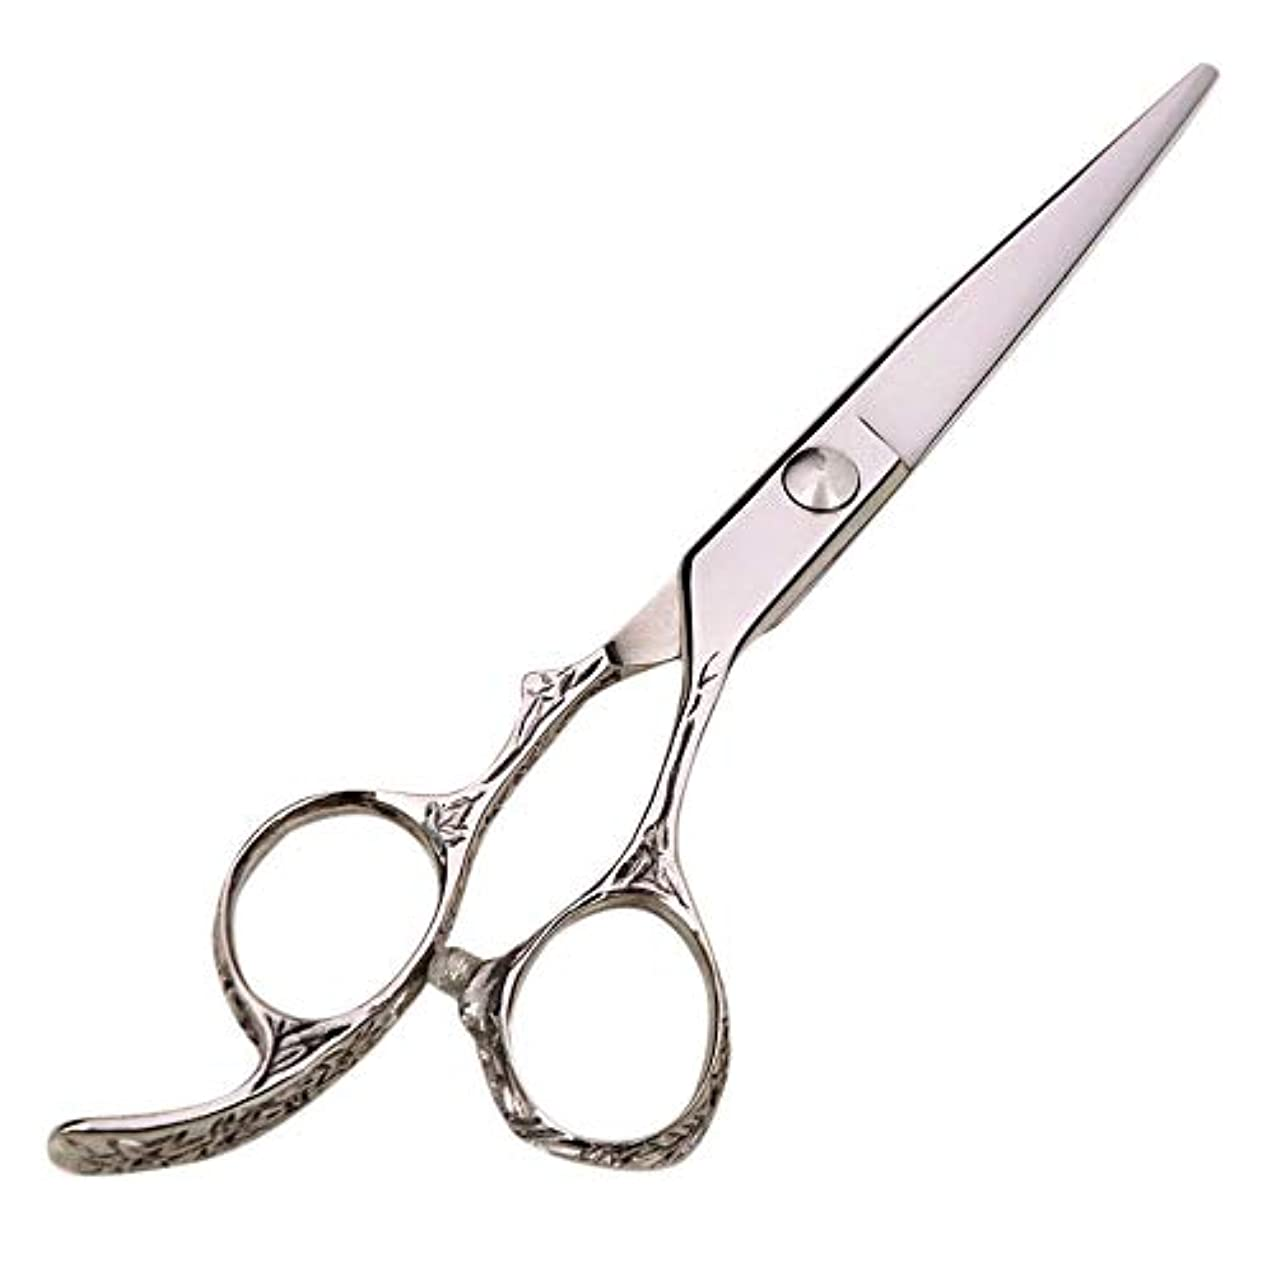 教えて通知する頭痛6インチハイエンドプロフェッショナル理髪はさみ、美容院理髪ツール ヘアケア (色 : Silver)